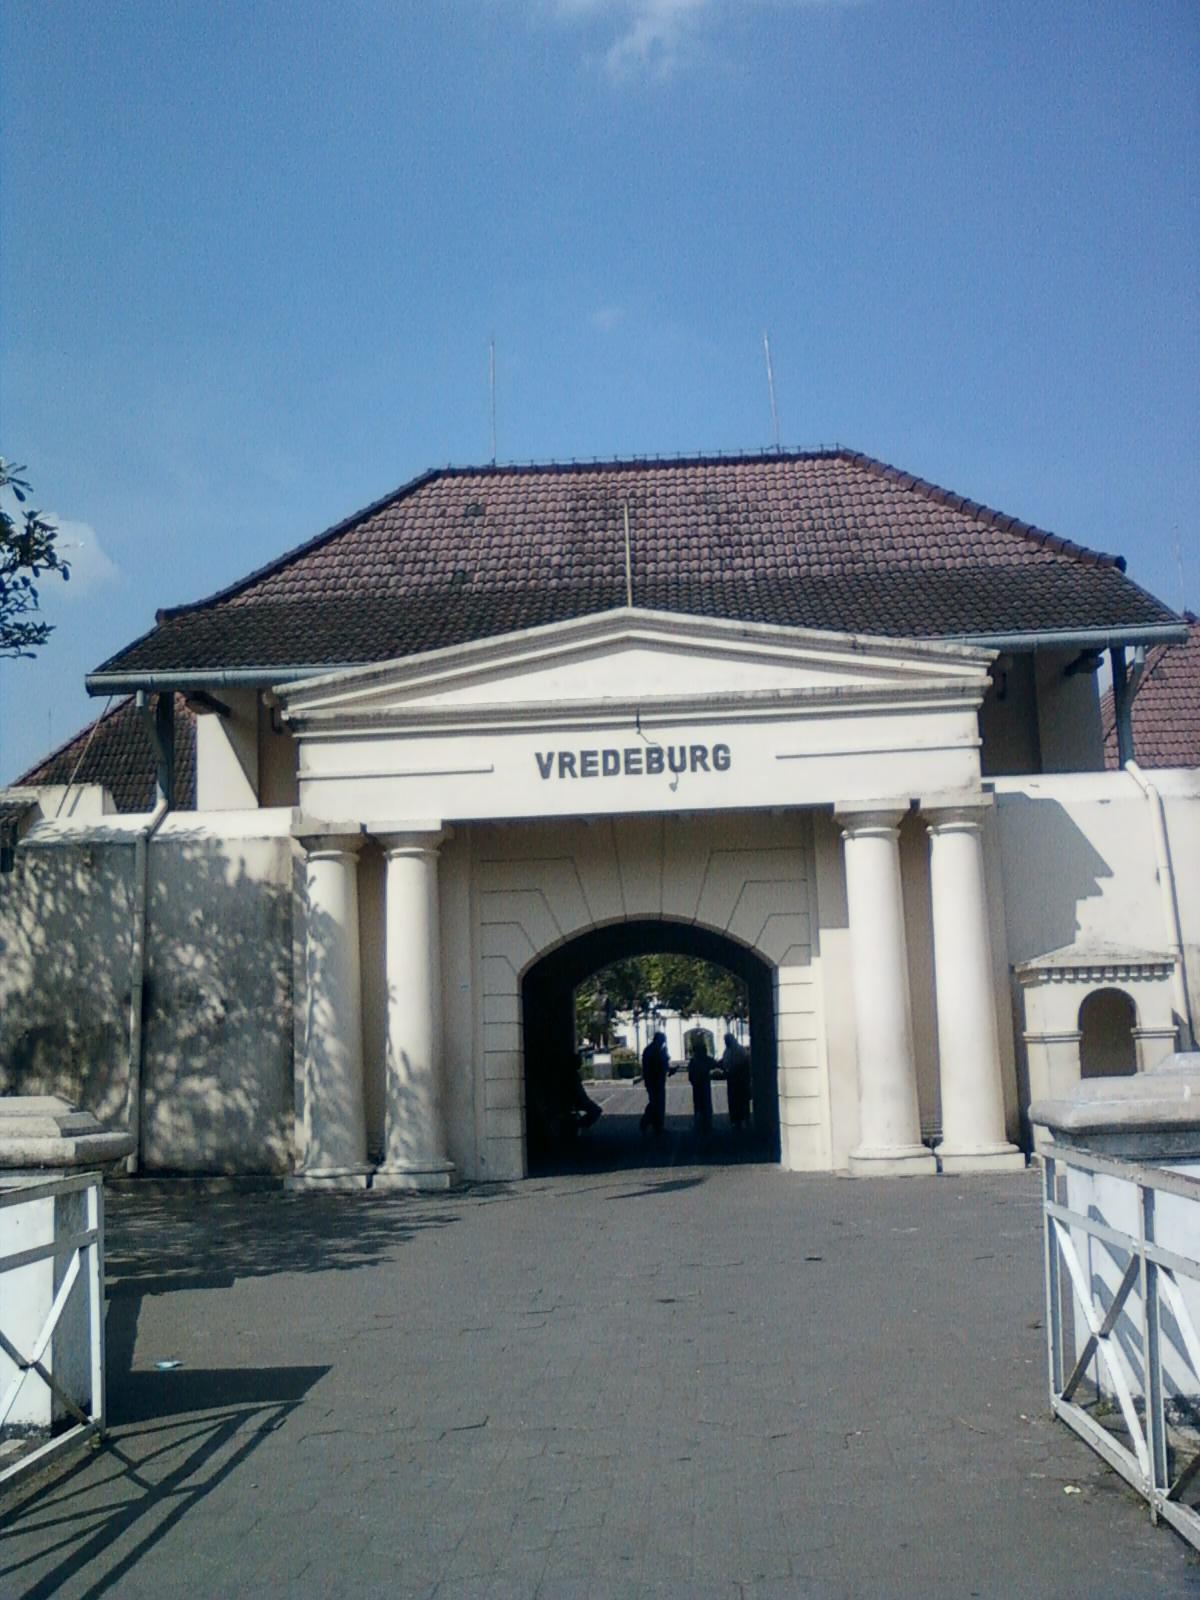 Museum Benteng Vredeburg Jogjakarta Wartasurakarta Terlihat Arah Timur Monumen Serangan